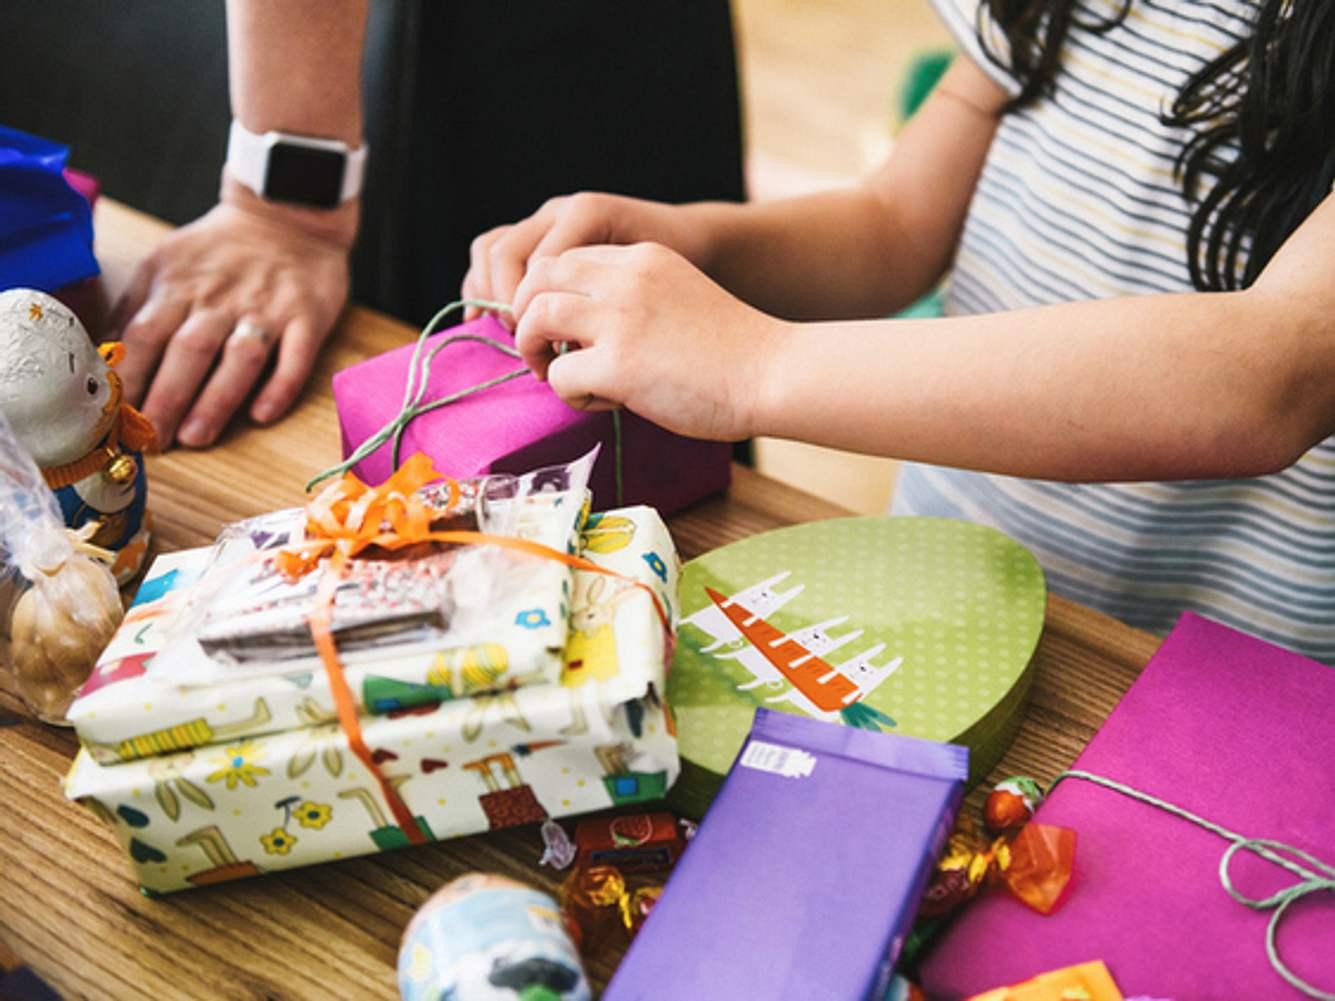 Kind öffnet personalisierte Geschenke für Kinder